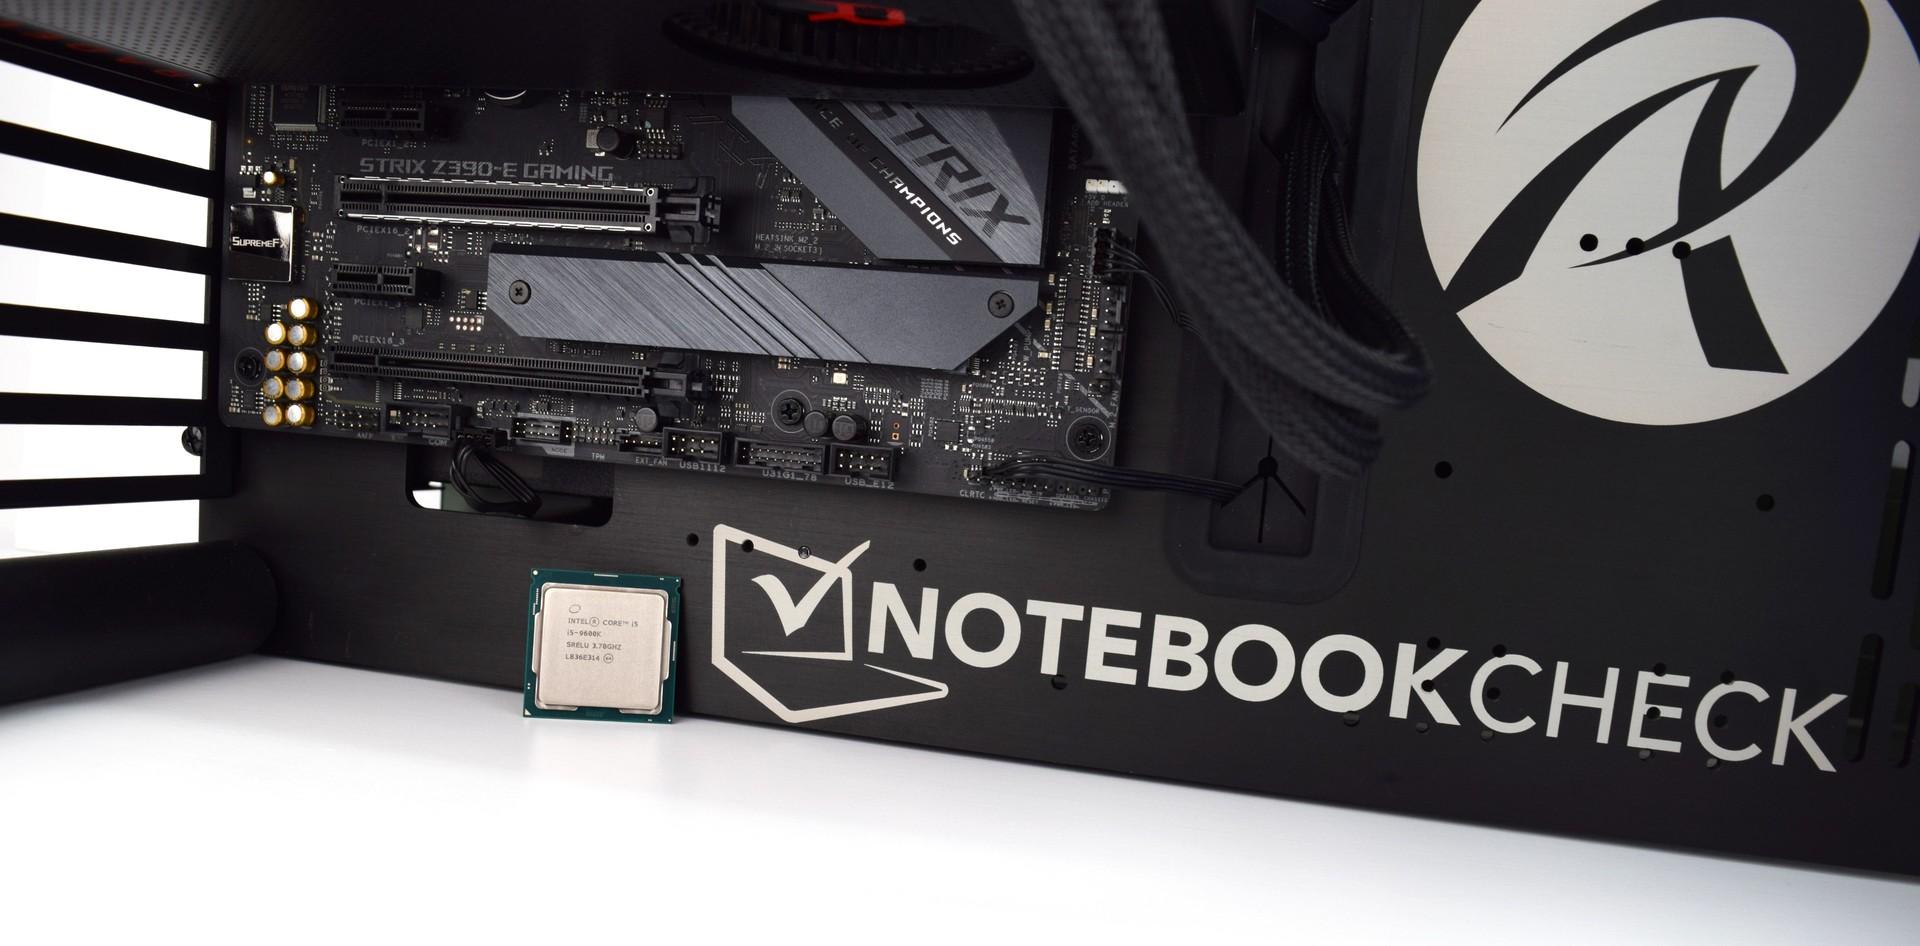 Intel Core i5-9600K - die schnellste 6-Kern-CPU von Intel im